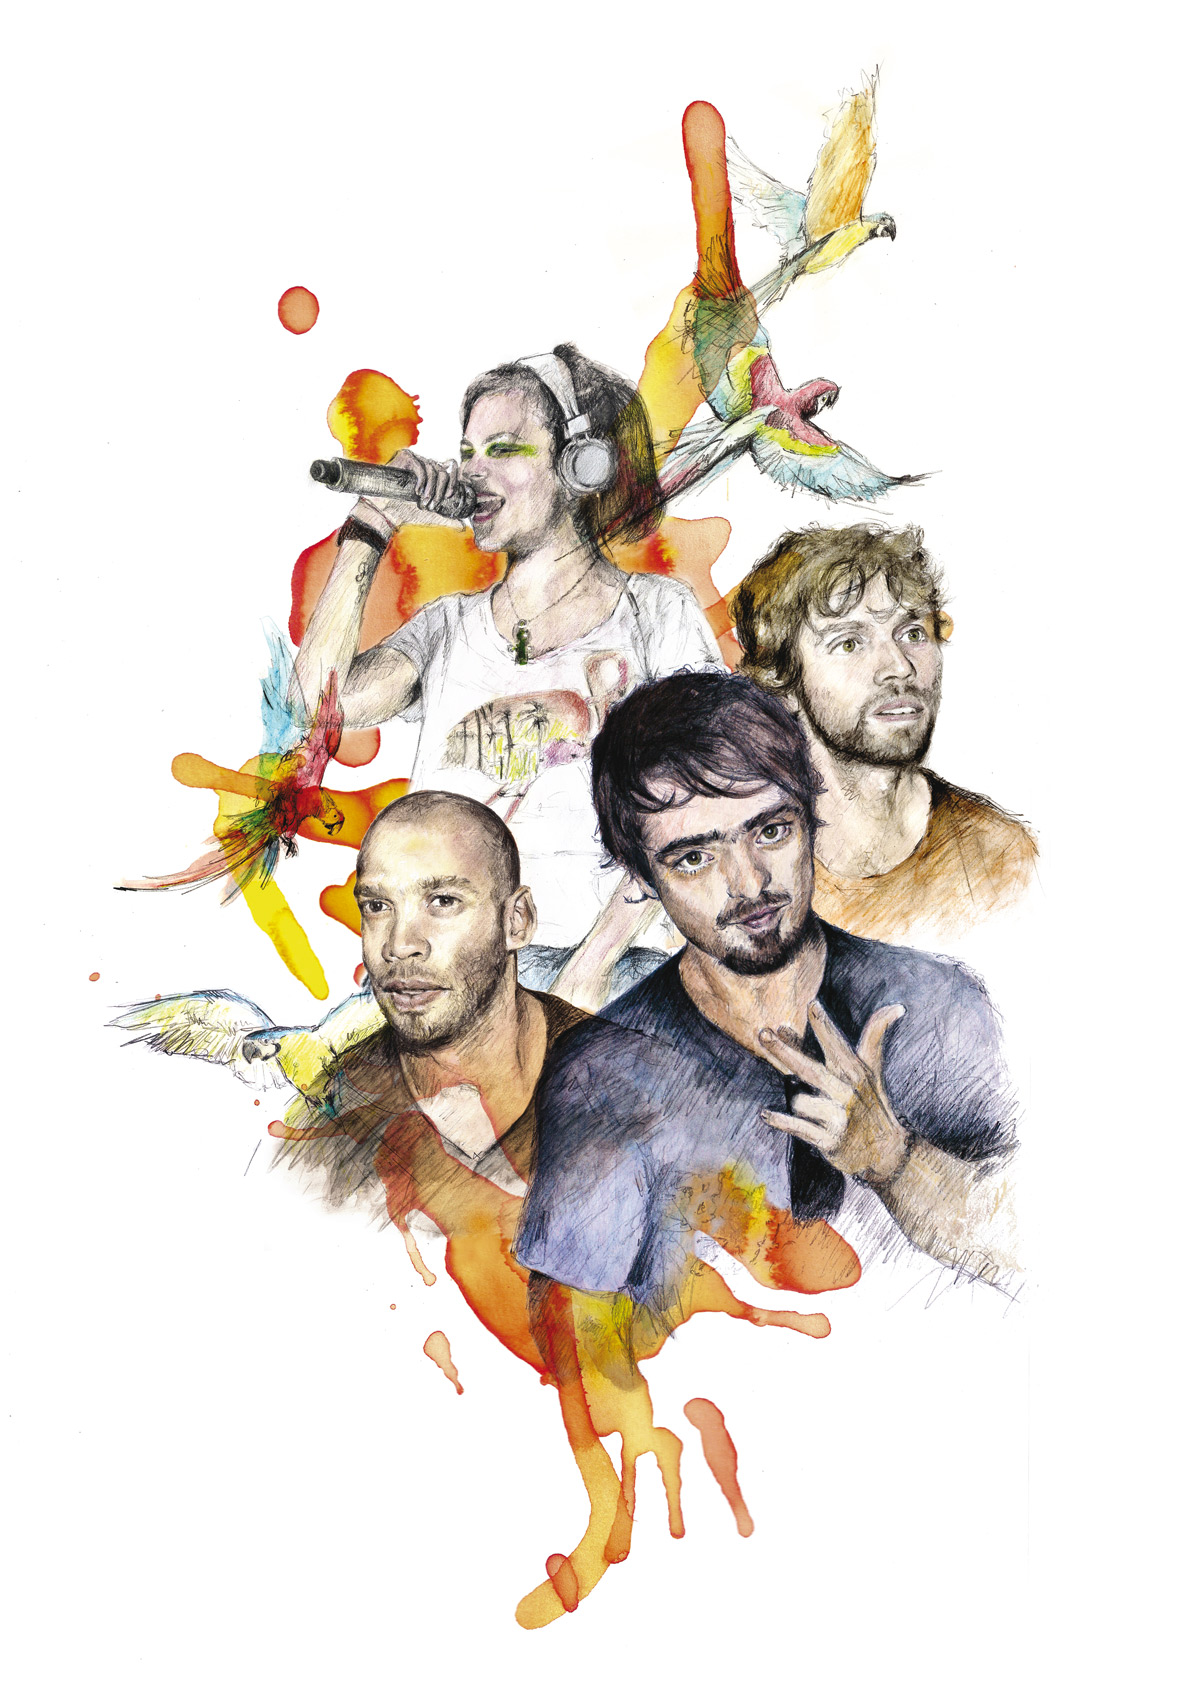 Bomba Estéreo. Cuatro espíritus libres: Kike Egurrola (batería), Julián Salazar (guitarra), Li Saumet (voz) y Simón Mejía (germen e ideólogo del grupo). Ilustración: Esther de la Torre.